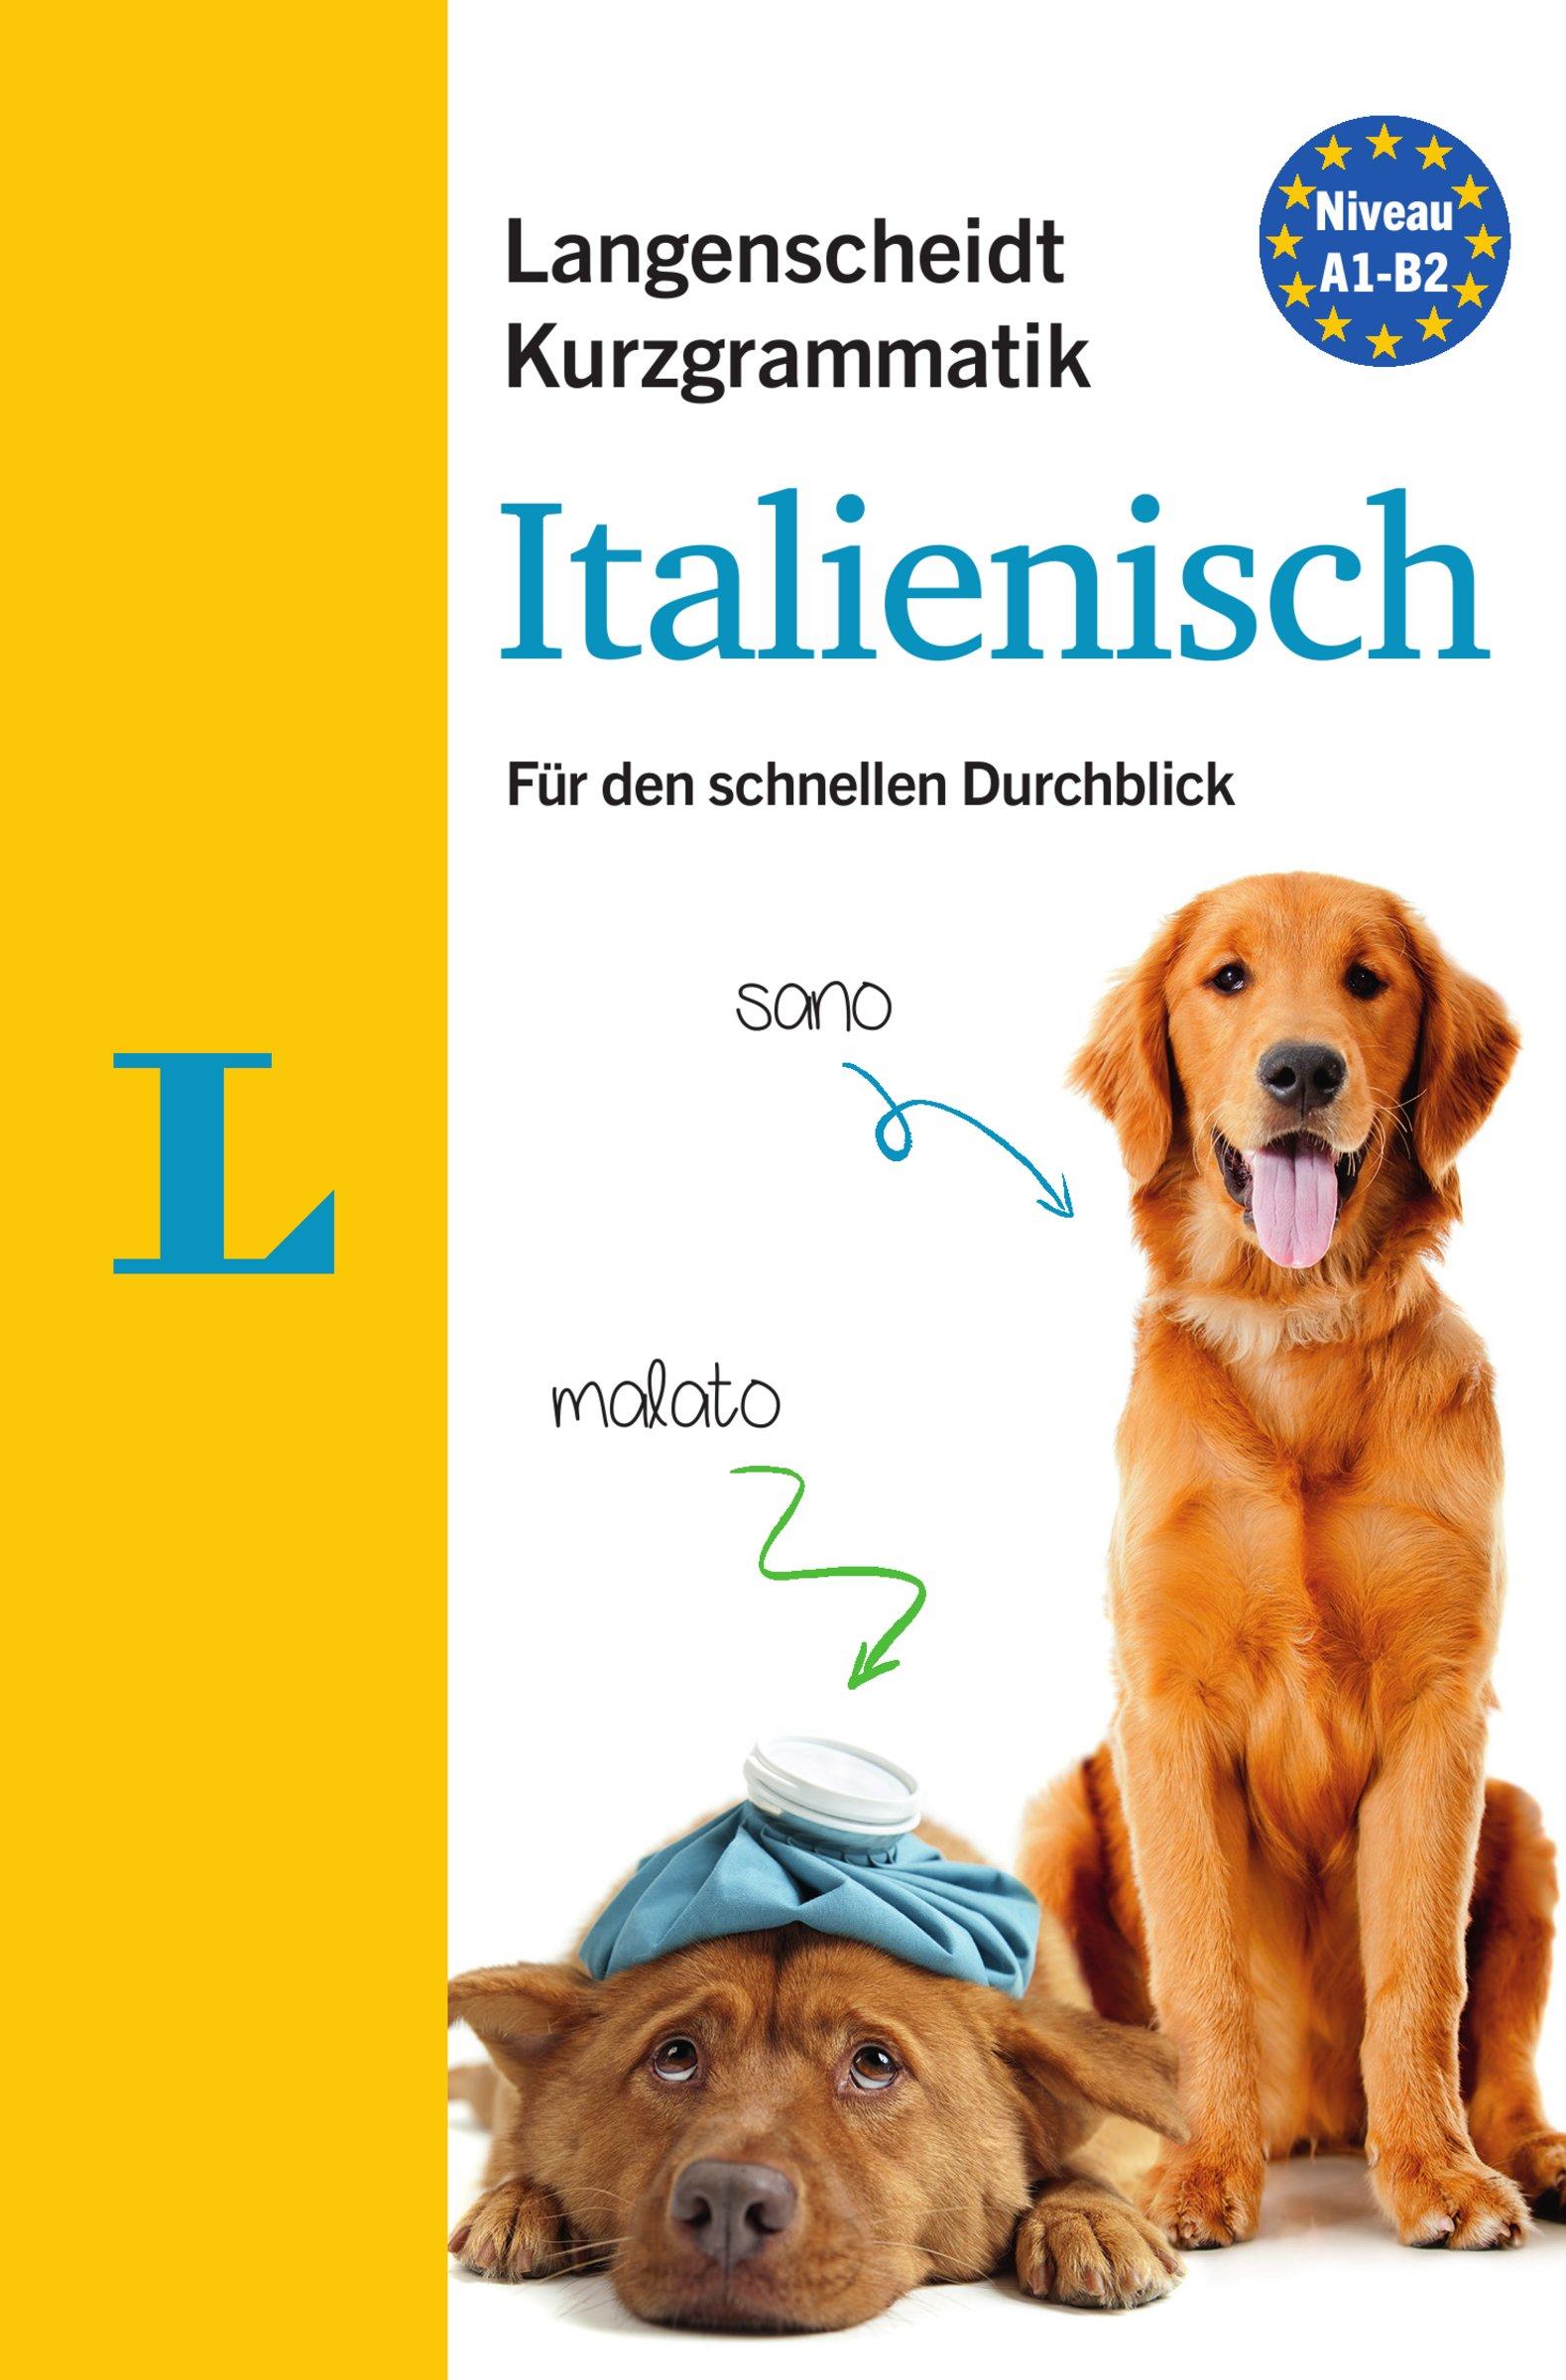 Langenscheidt Kurzgrammatik Italienisch - Buch mit Download: Die Grammatik für den schnellen Durchblick